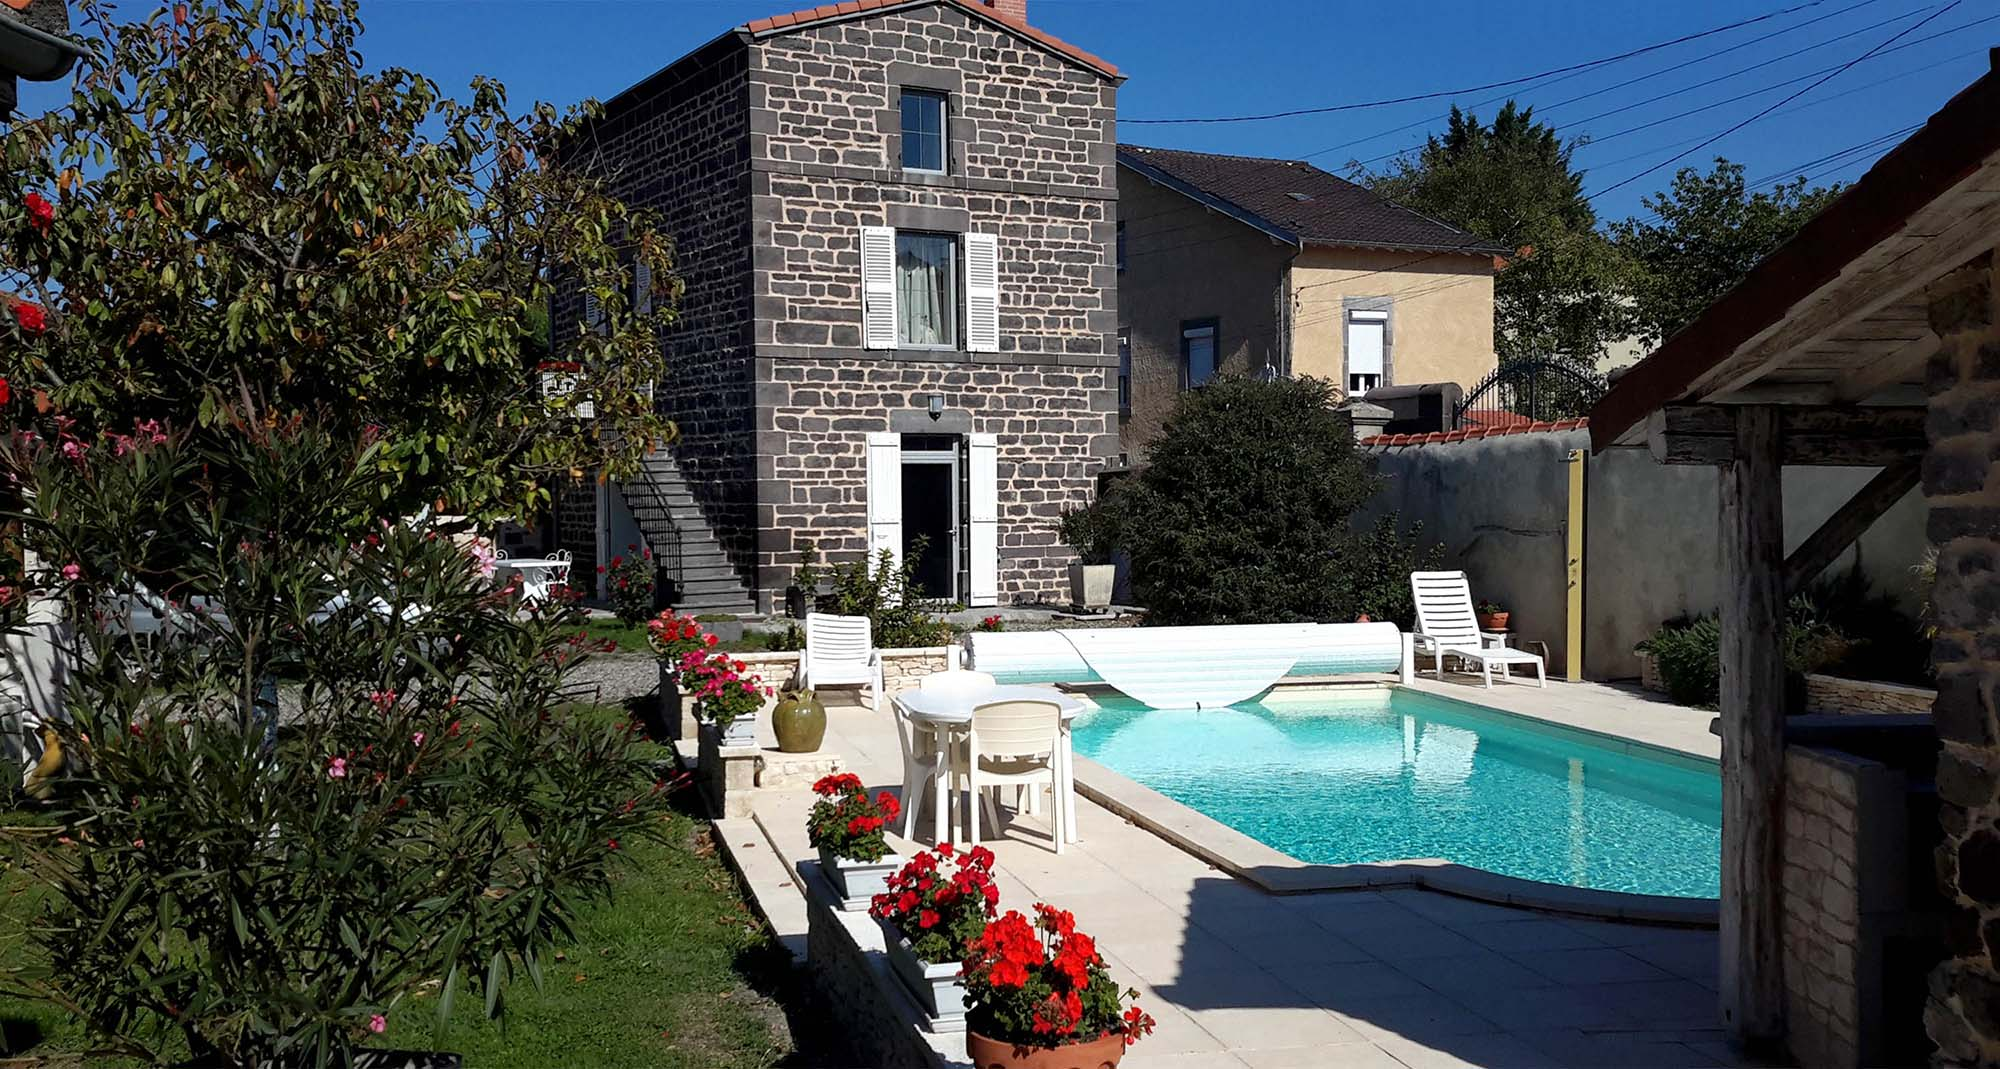 Maisonnette Chambres d h´tes dans le Puy de D´me